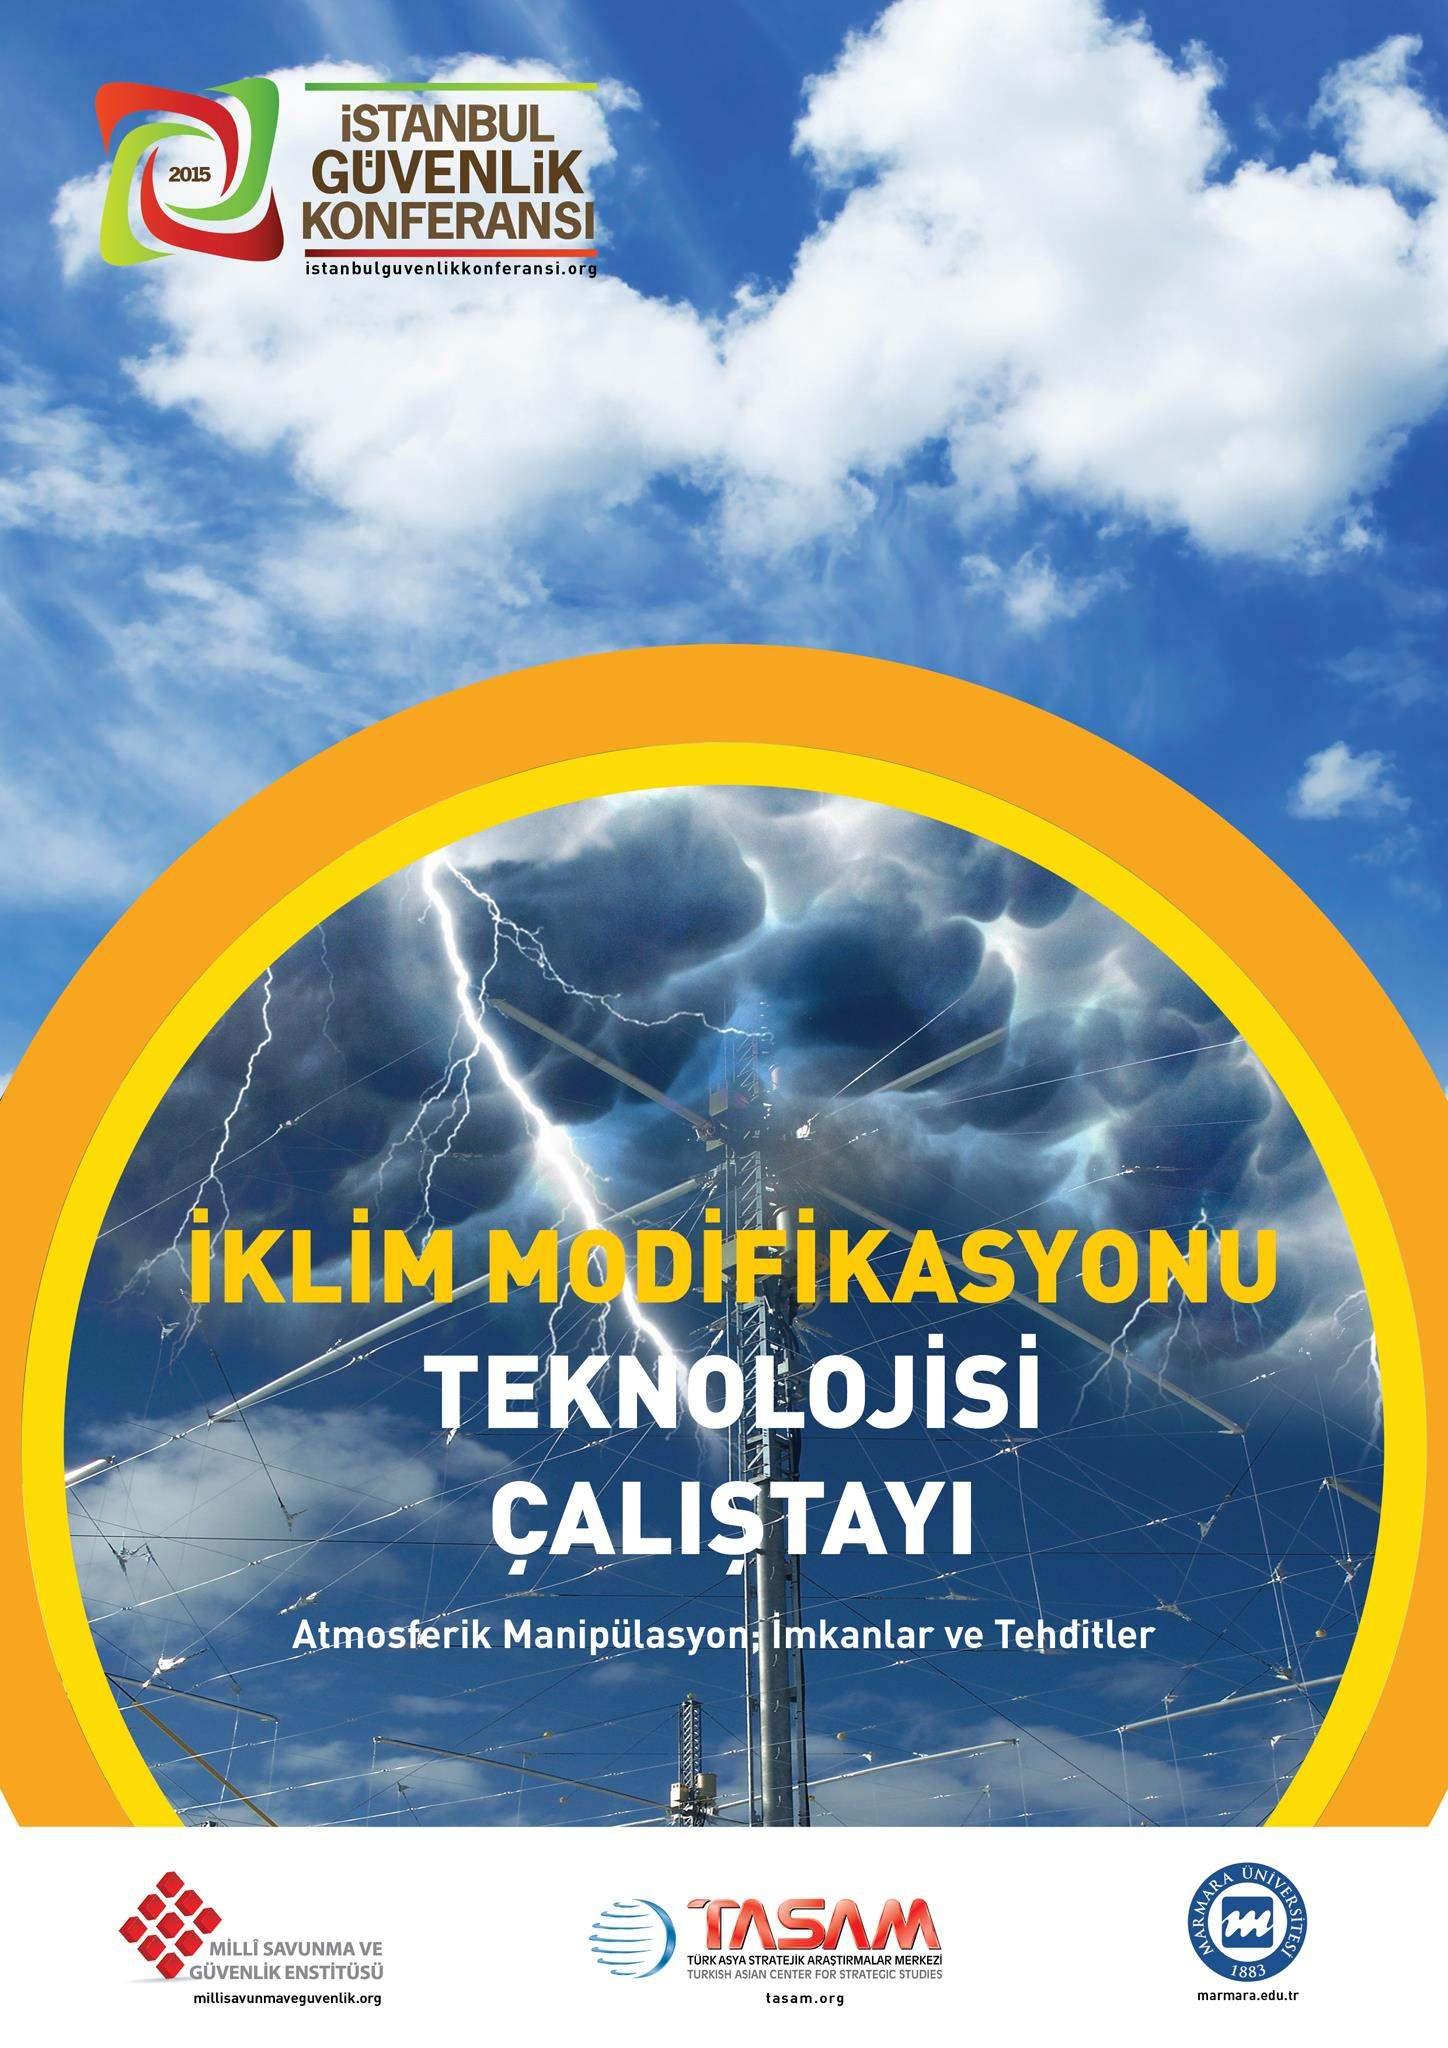 İklim Modifikasyonu Teknolojileri Çalıştayı | İstanbul Güvenlik Konferansı 2015